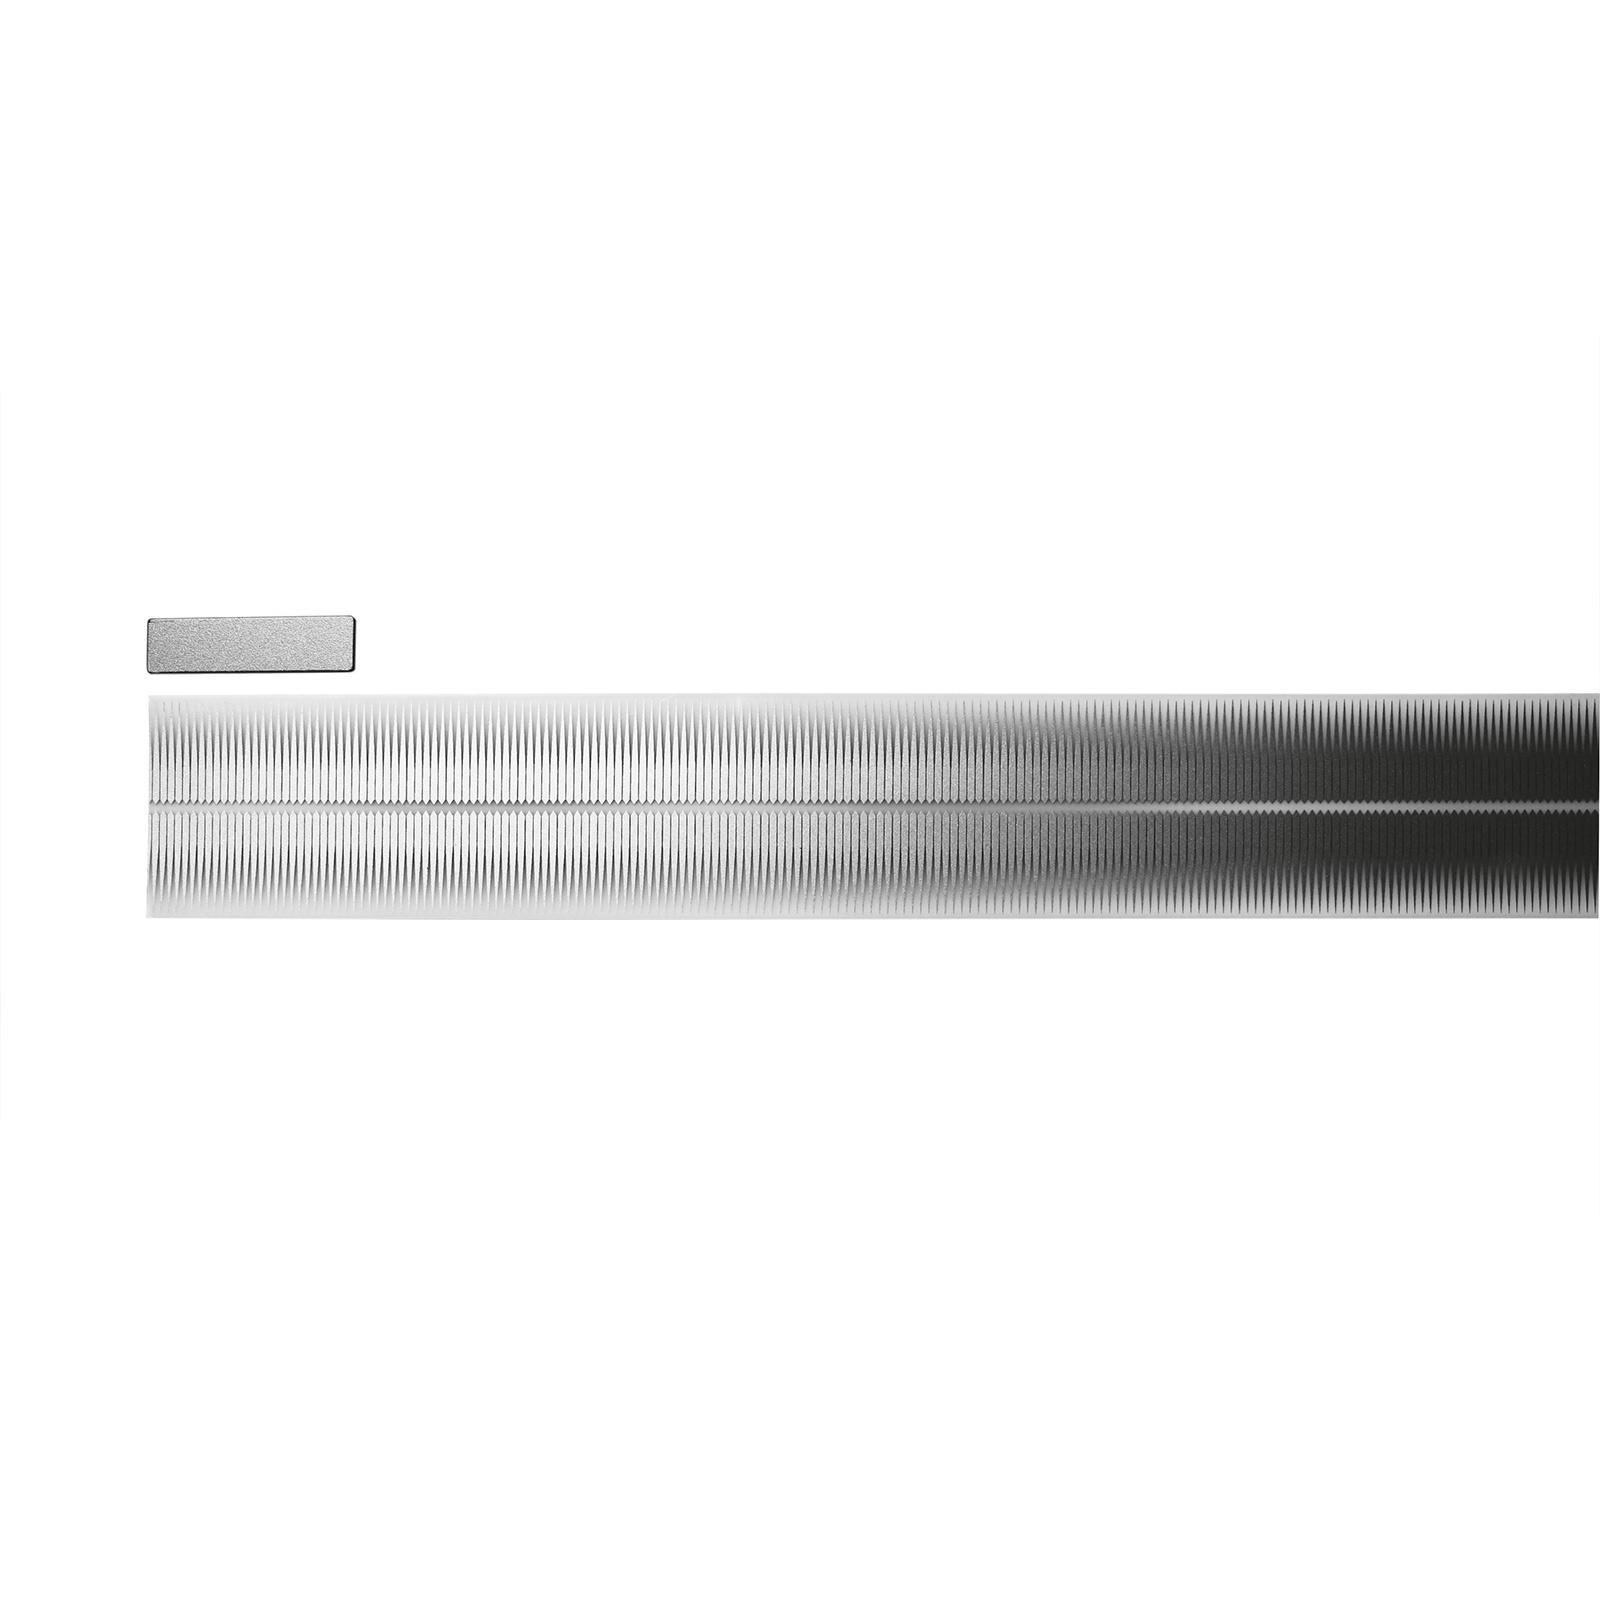 Cini&Nils FormaLa - Diffusor für LED-Wandleuchte